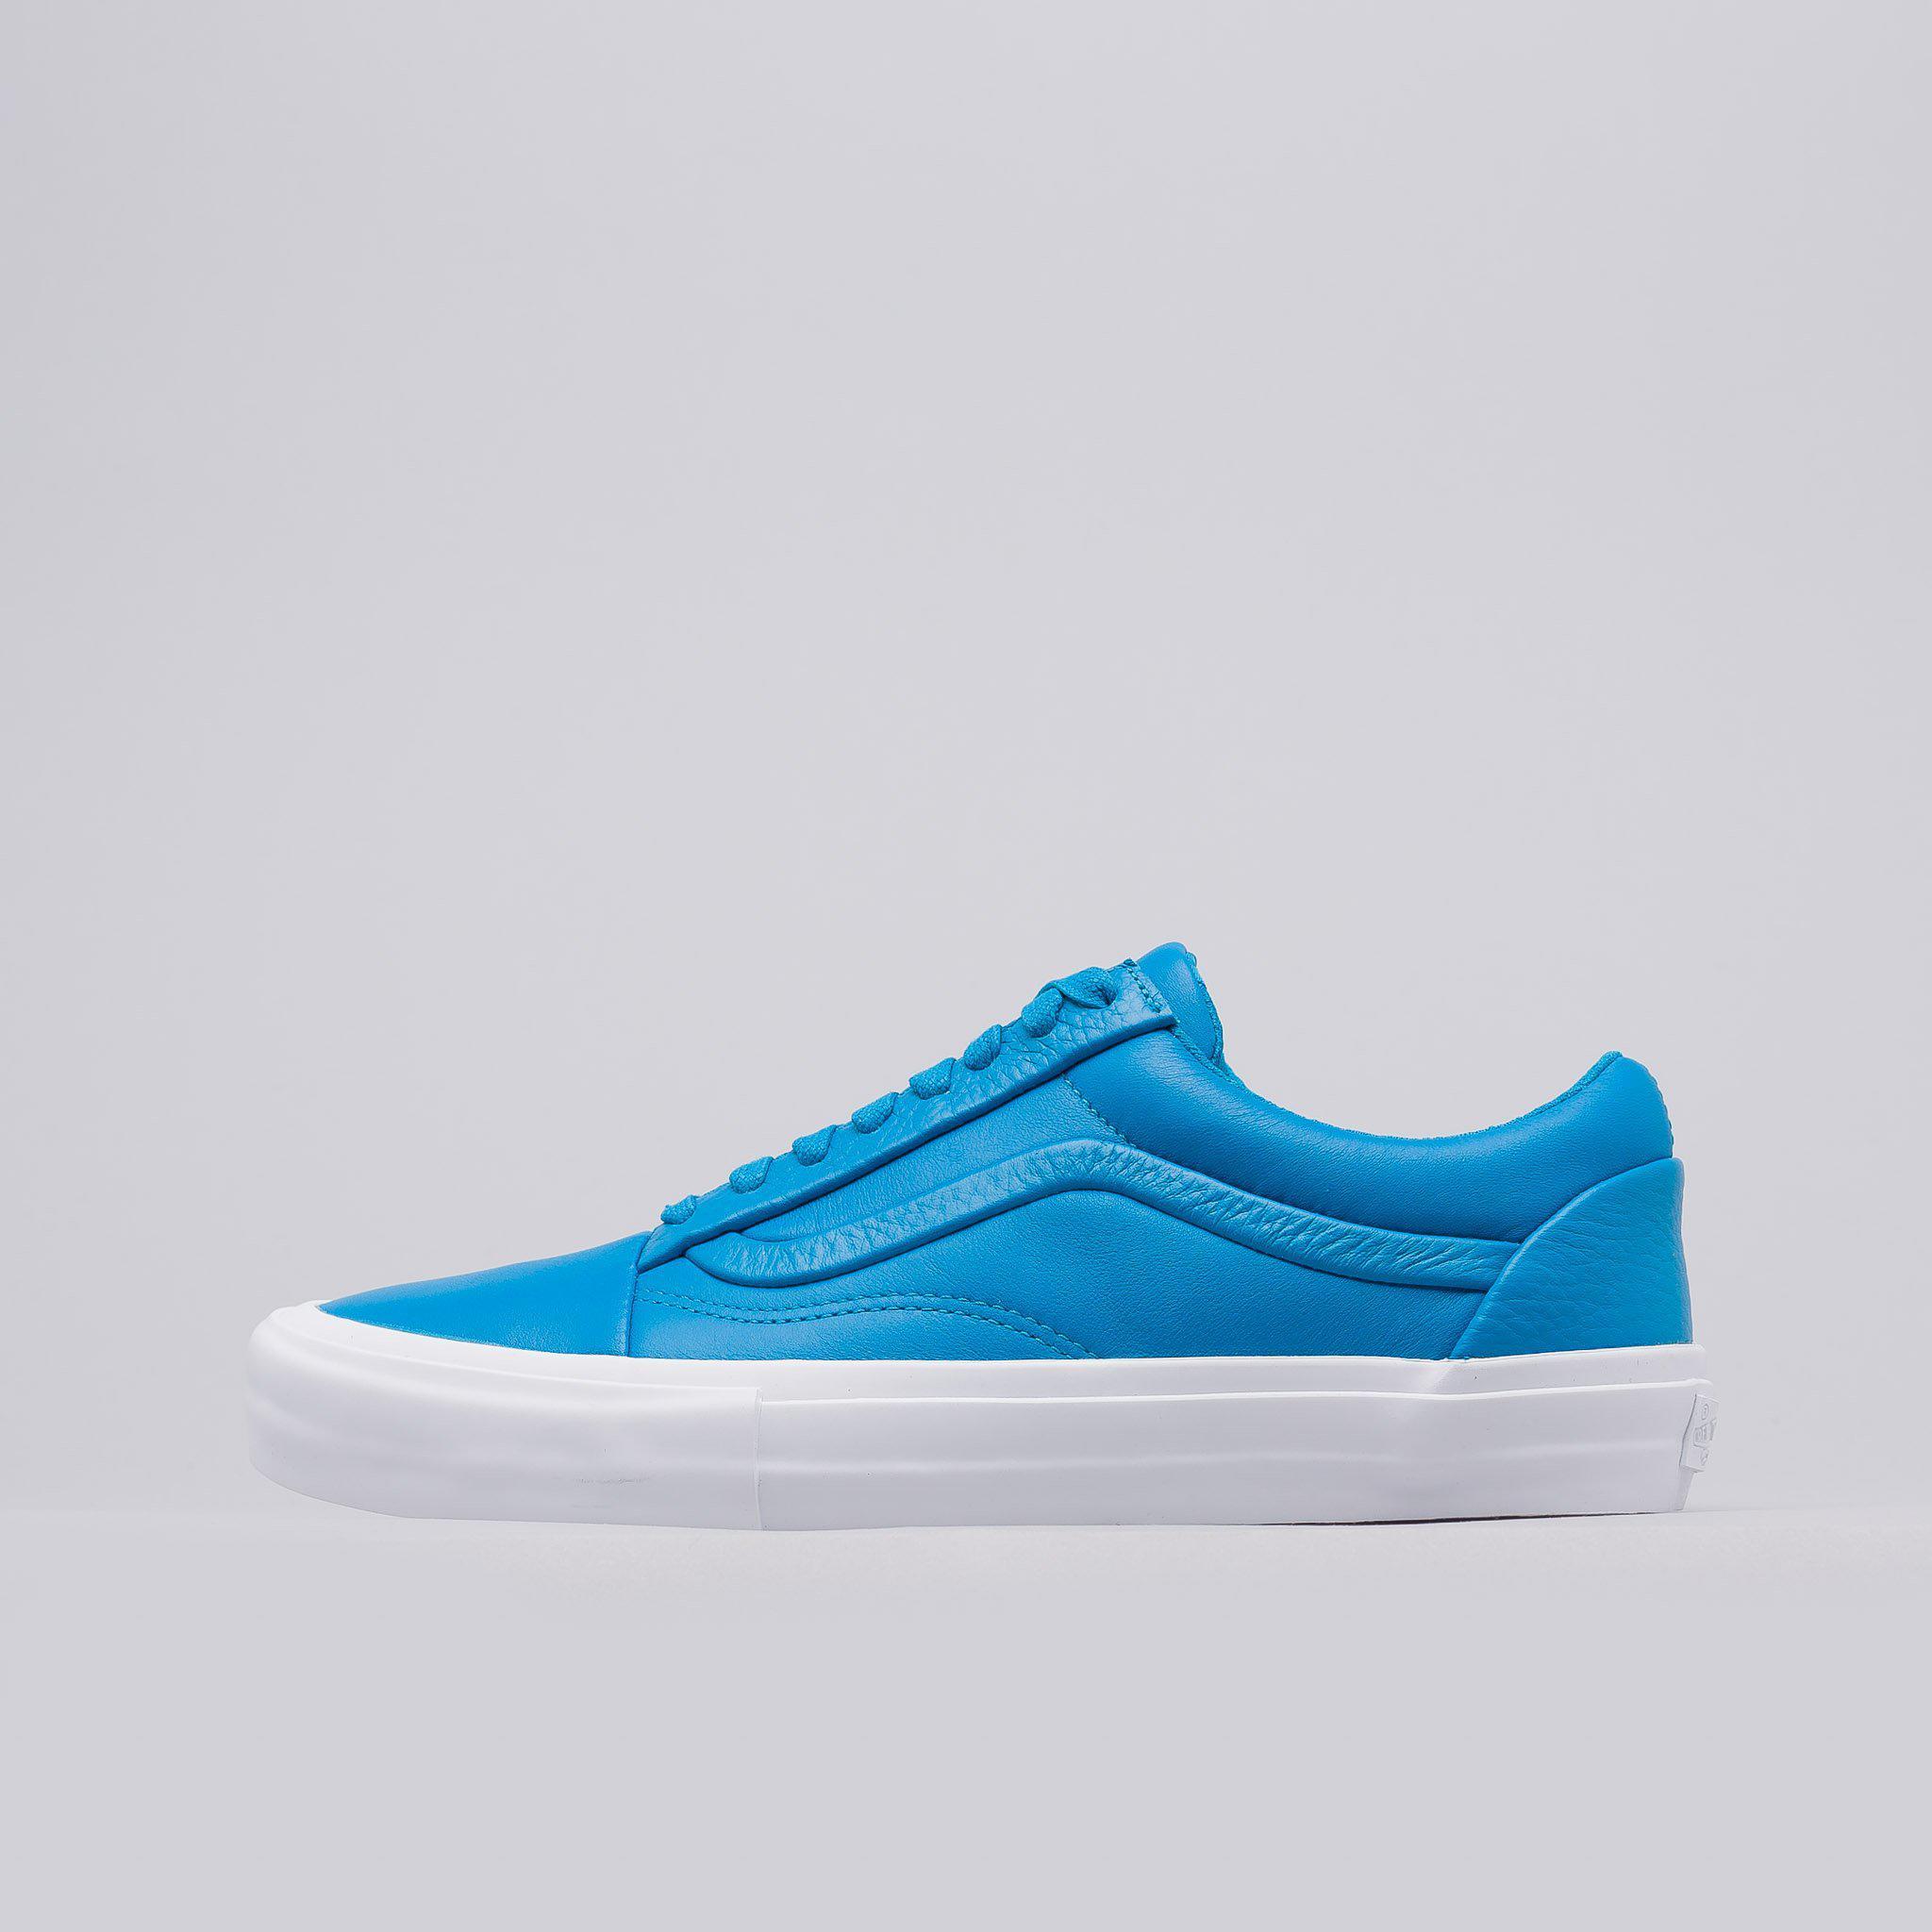 Read more Blue 'Stitch + Turn' OG Old Skool ST LX Sneakers 6nOmbZPt